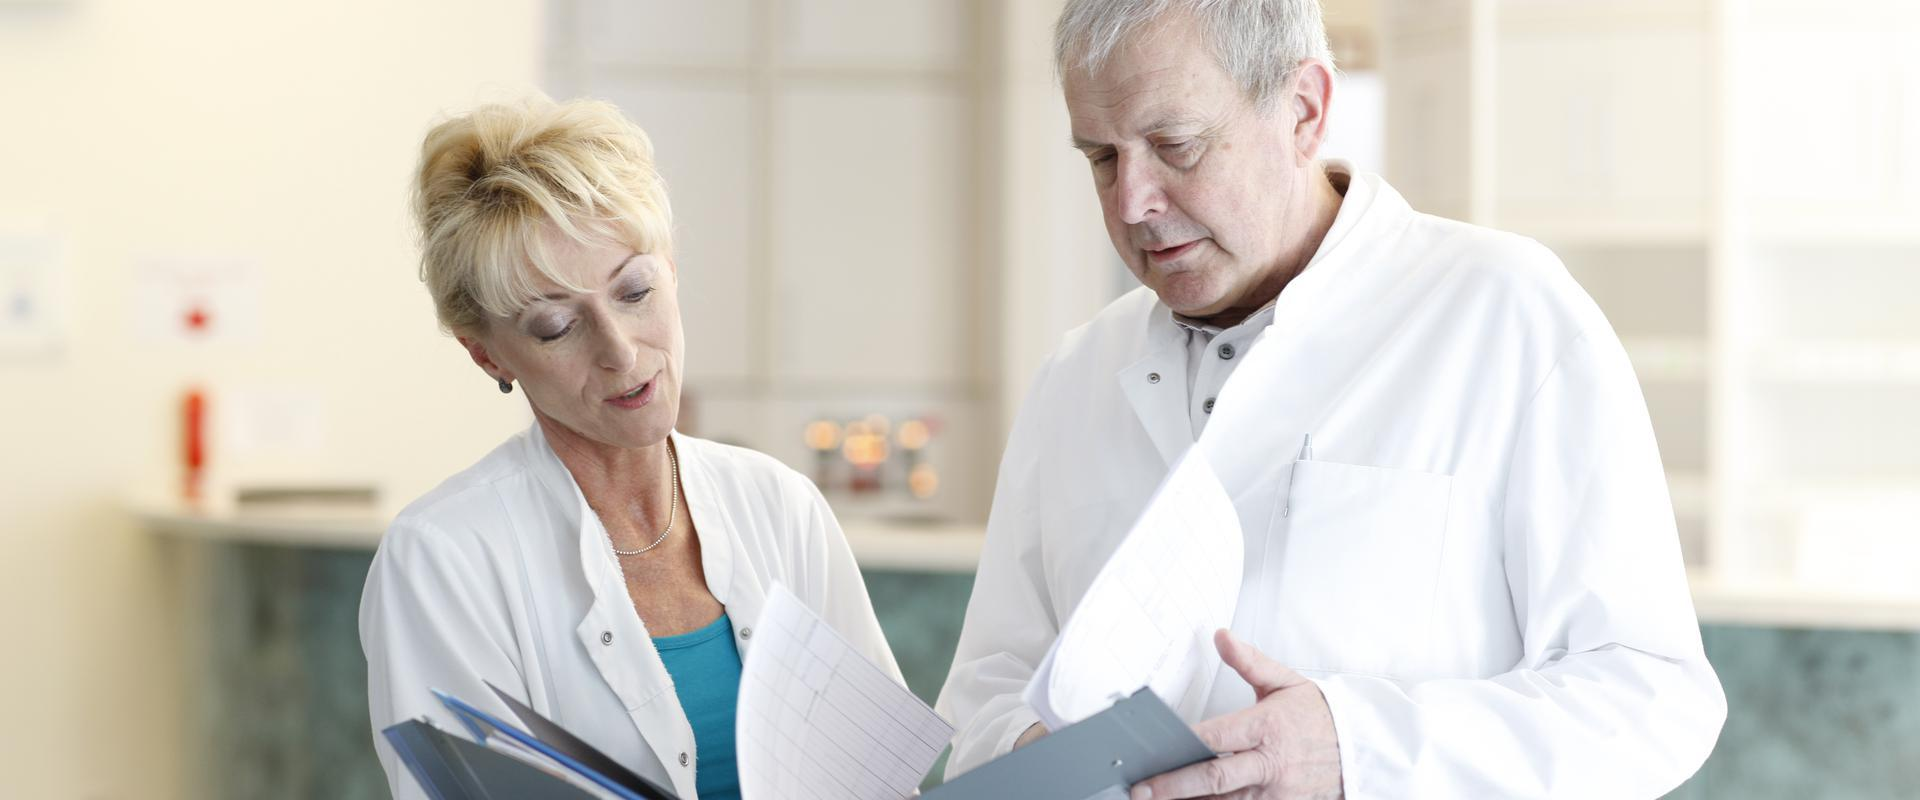 Ein Arzt und eine Ärztin besprechen etwas in der MEDIAN Gesundheitsdienste Koblenz